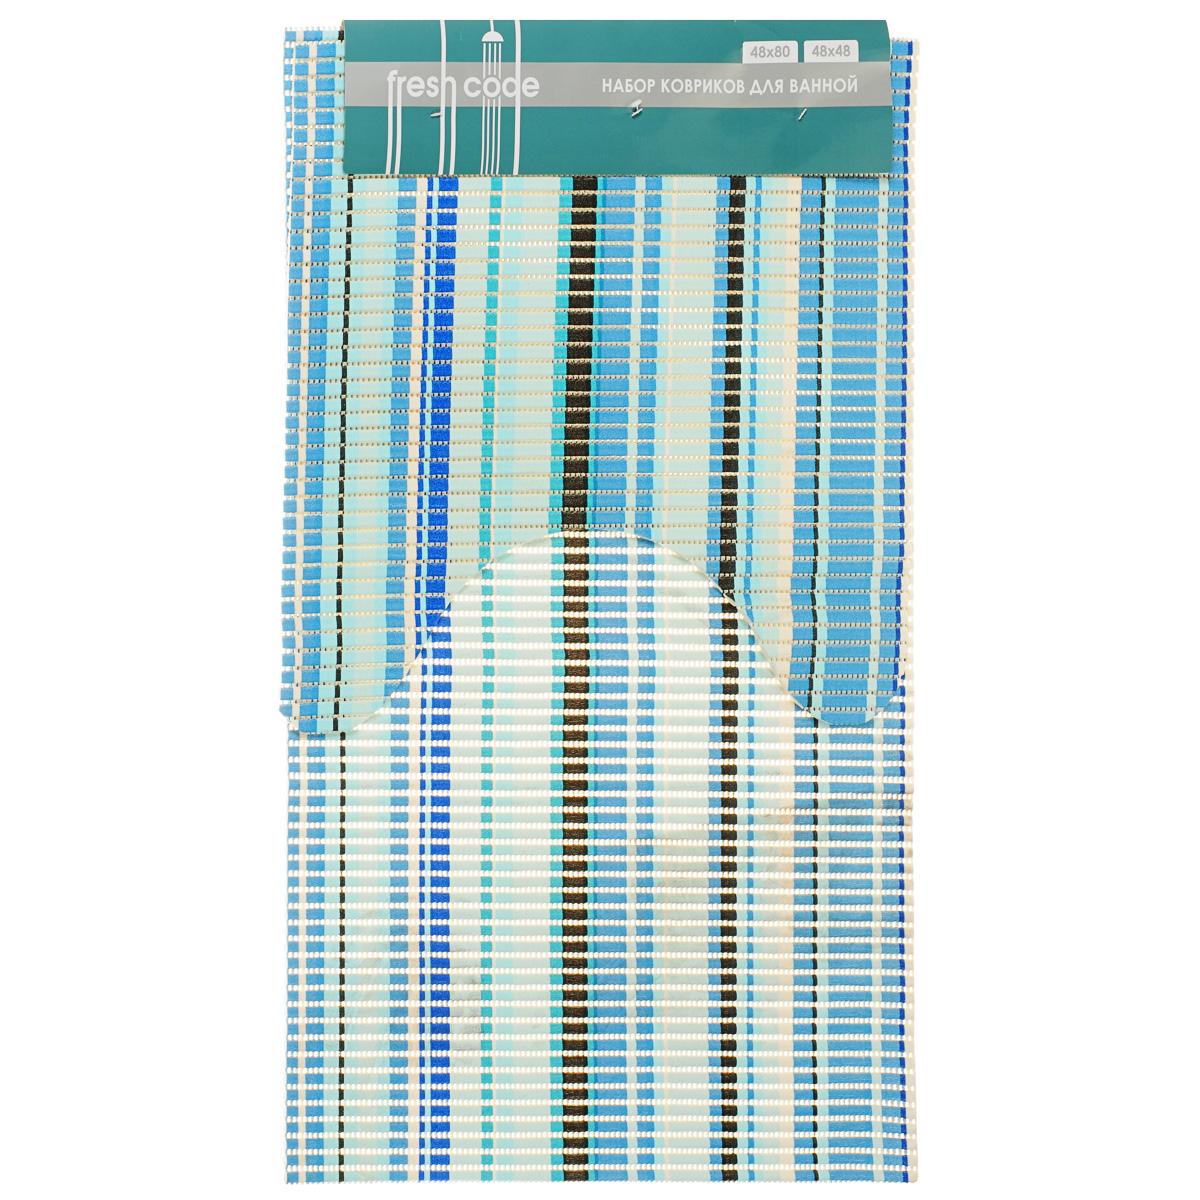 Комплект ковриков для ванной Fresh Code, цвет: голубой, белый, 2 предмета61216Комплект Fresh Code состоит из коврика для ванной комнаты и туалета. Коврики выполнены из мягкого ПВХ с шероховатой антискользящей поверхностью, которая создает комфортное покрытие в ванной комнате. Поверхность ковриков перфорирована. Красивый яркий рисунок декорирует ванную комнату. Рекомендации по уходу: протрите коврик влажной губкой с моющим средством, тщательно ополосните чистой водой и просушите. Набор для ванной Fresh Code подарит ощущение тепла и комфорта, а также привнесет уют в вашу ванную комнату. Размер коврика для ванной комнаты: 48 х 80 см. Размер коврика для туалета: 48 х 48 см.